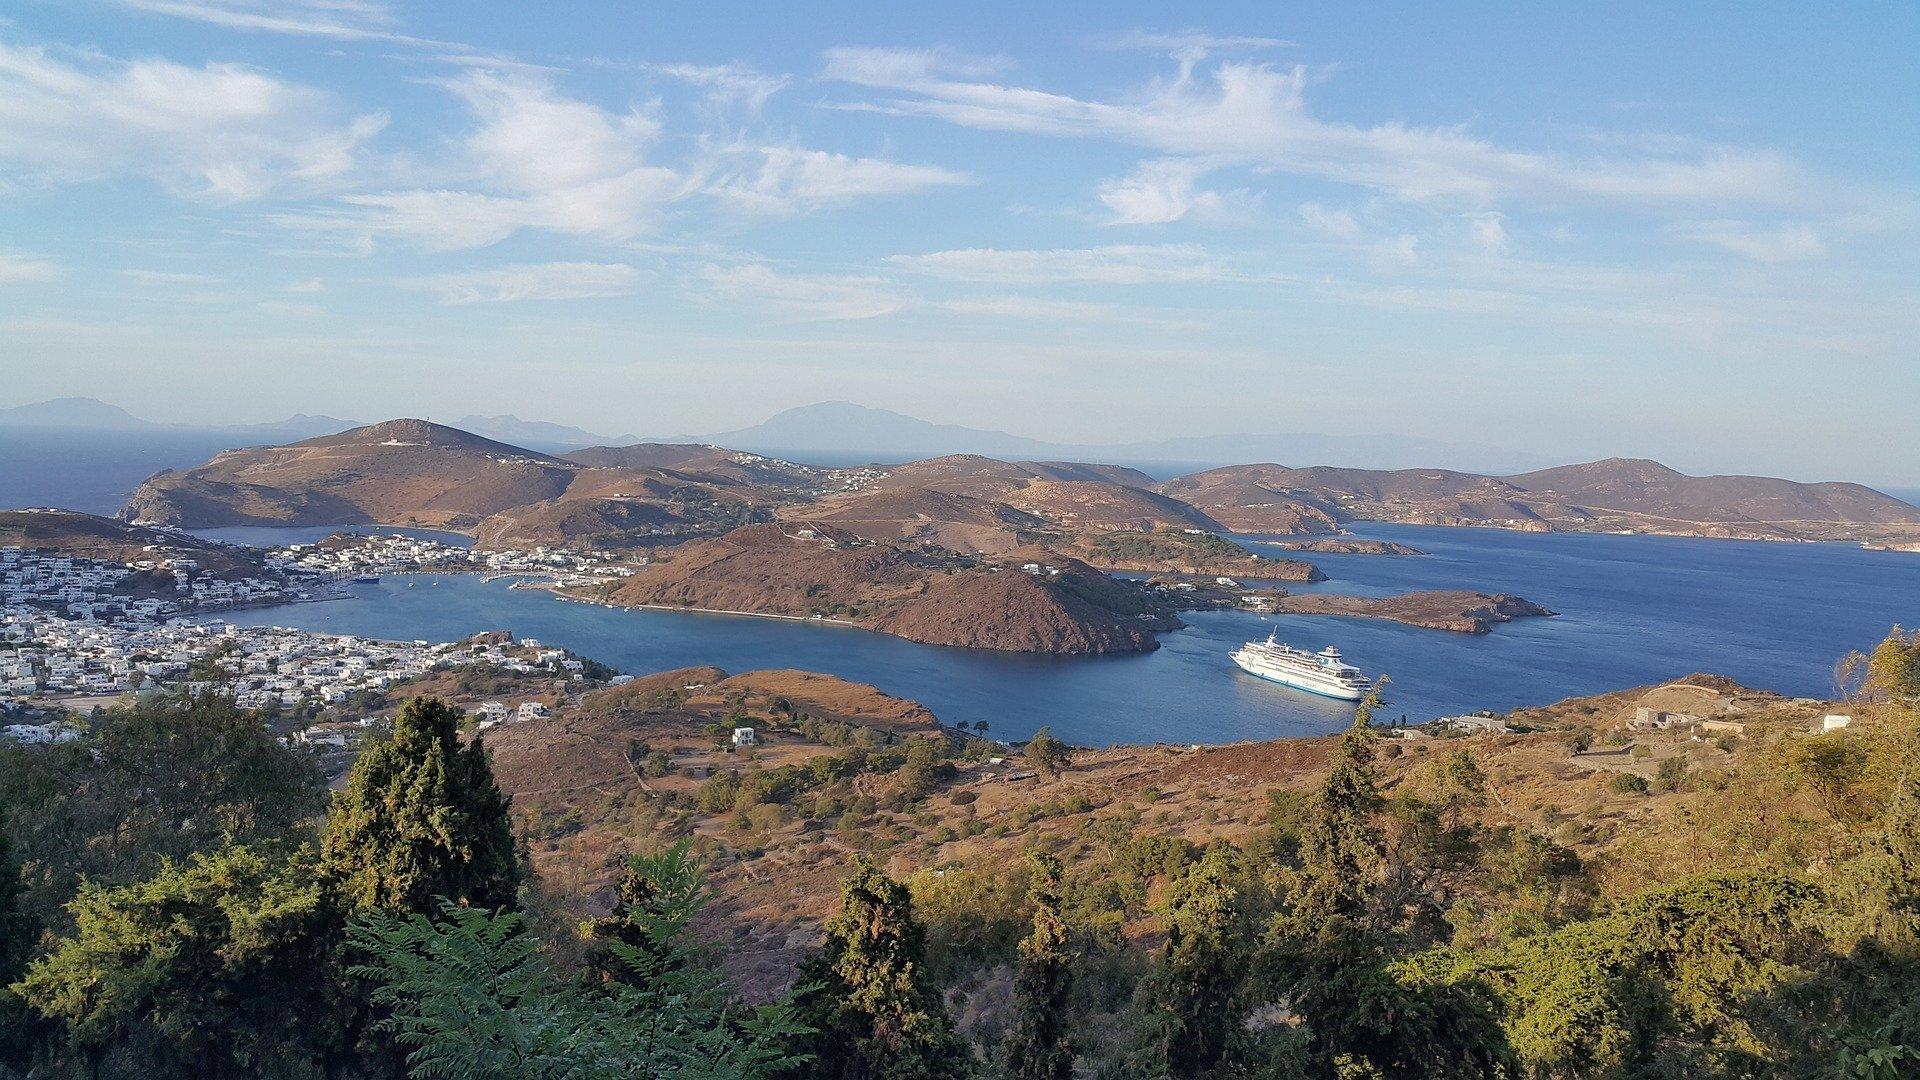 Die griechische Insel Patmos